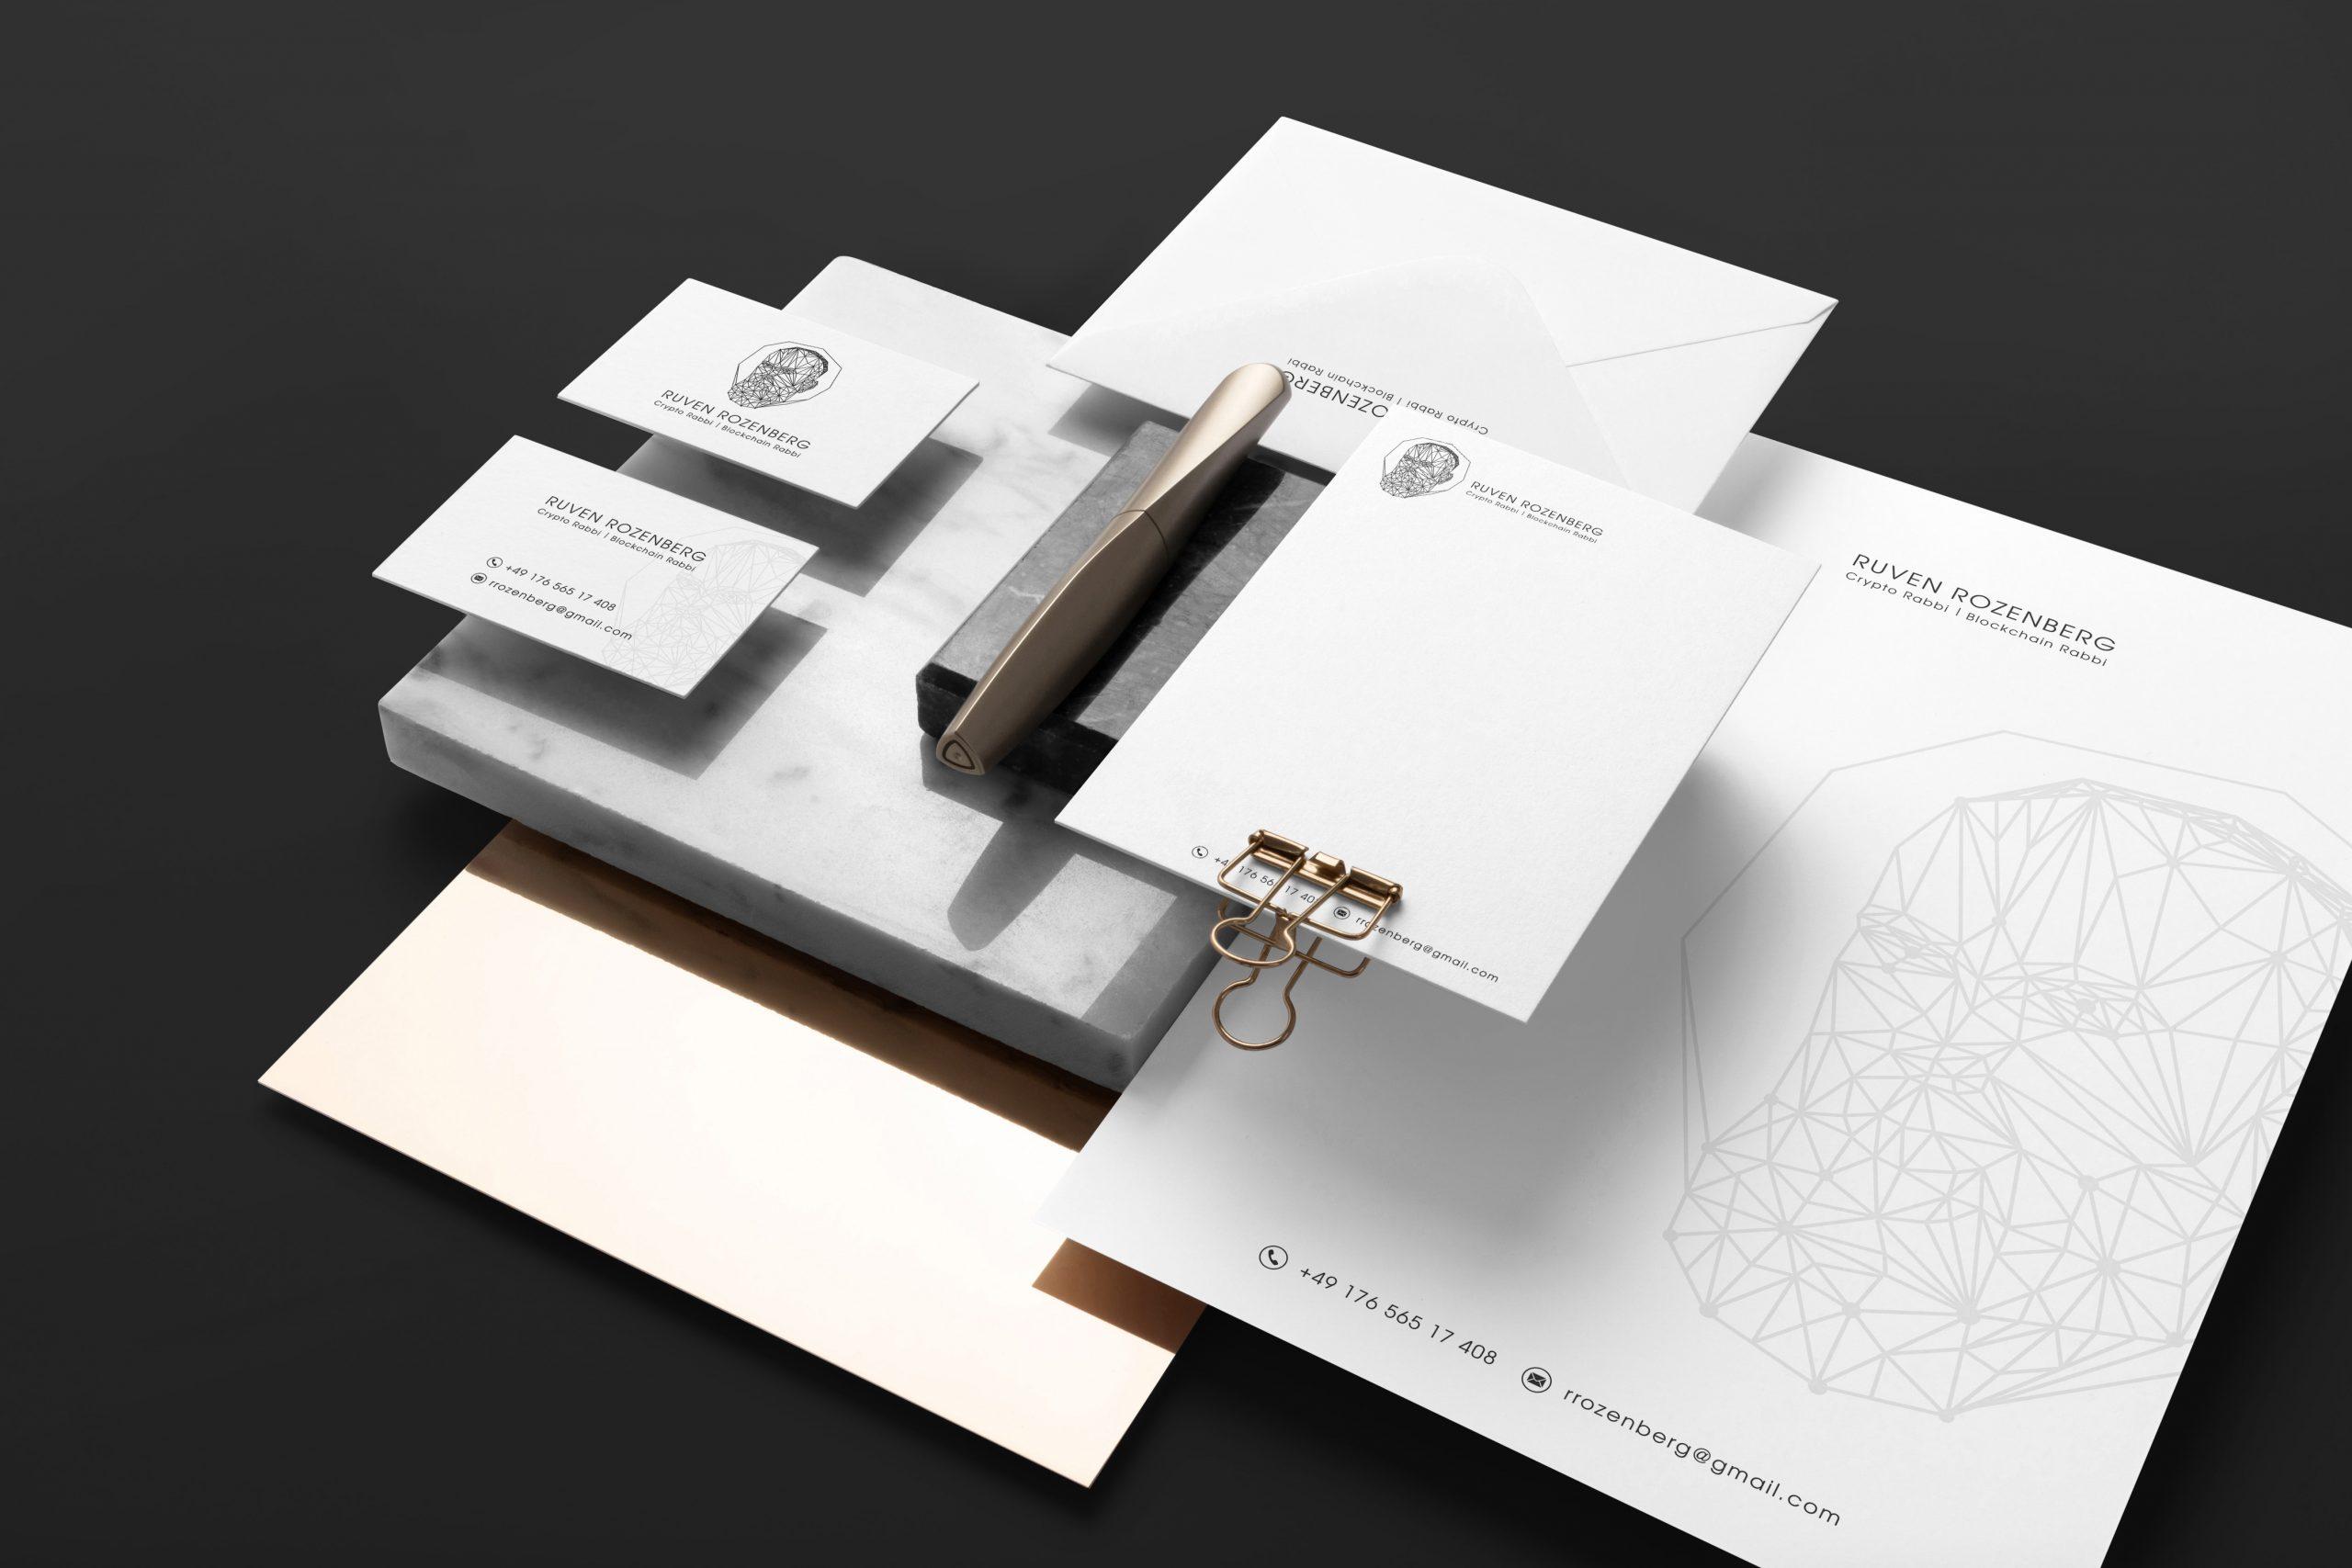 Ruven Rozenberg дизайн фирменного стиля